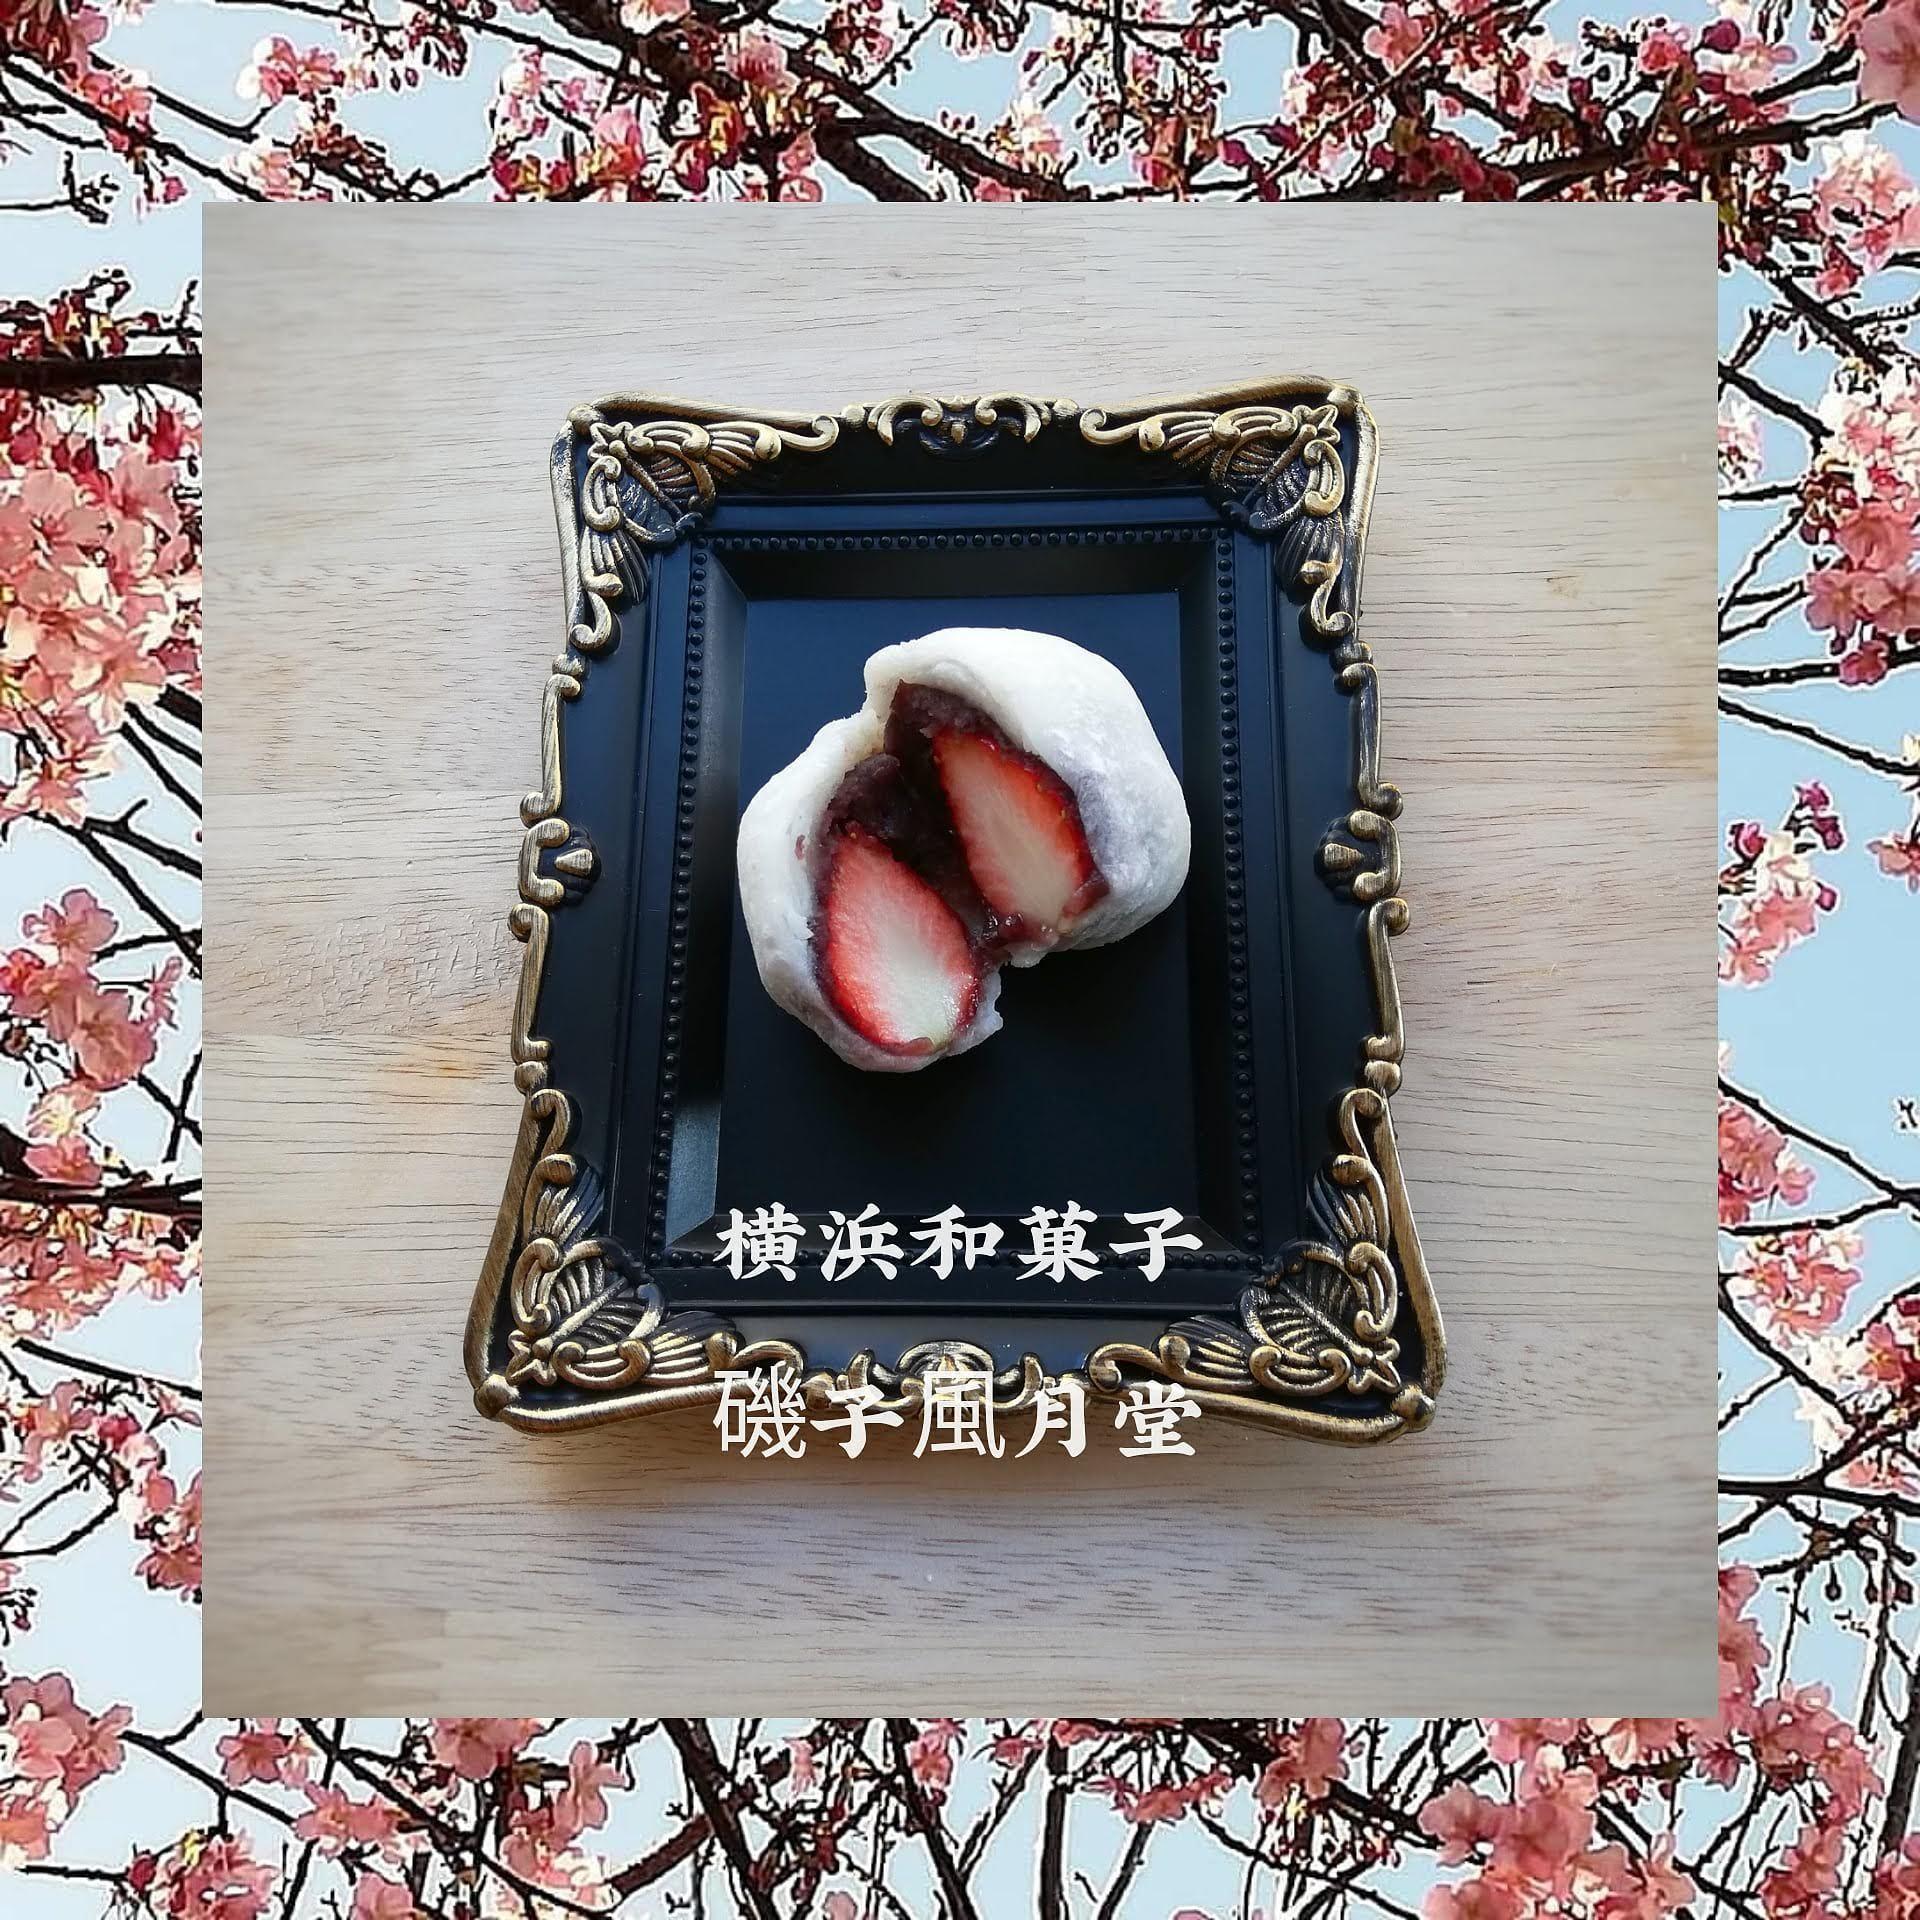 いろんな苺のいちご大福 @横浜和菓子磯子風月堂 金土日の週末限定販売です。_e0092594_21460922.jpg